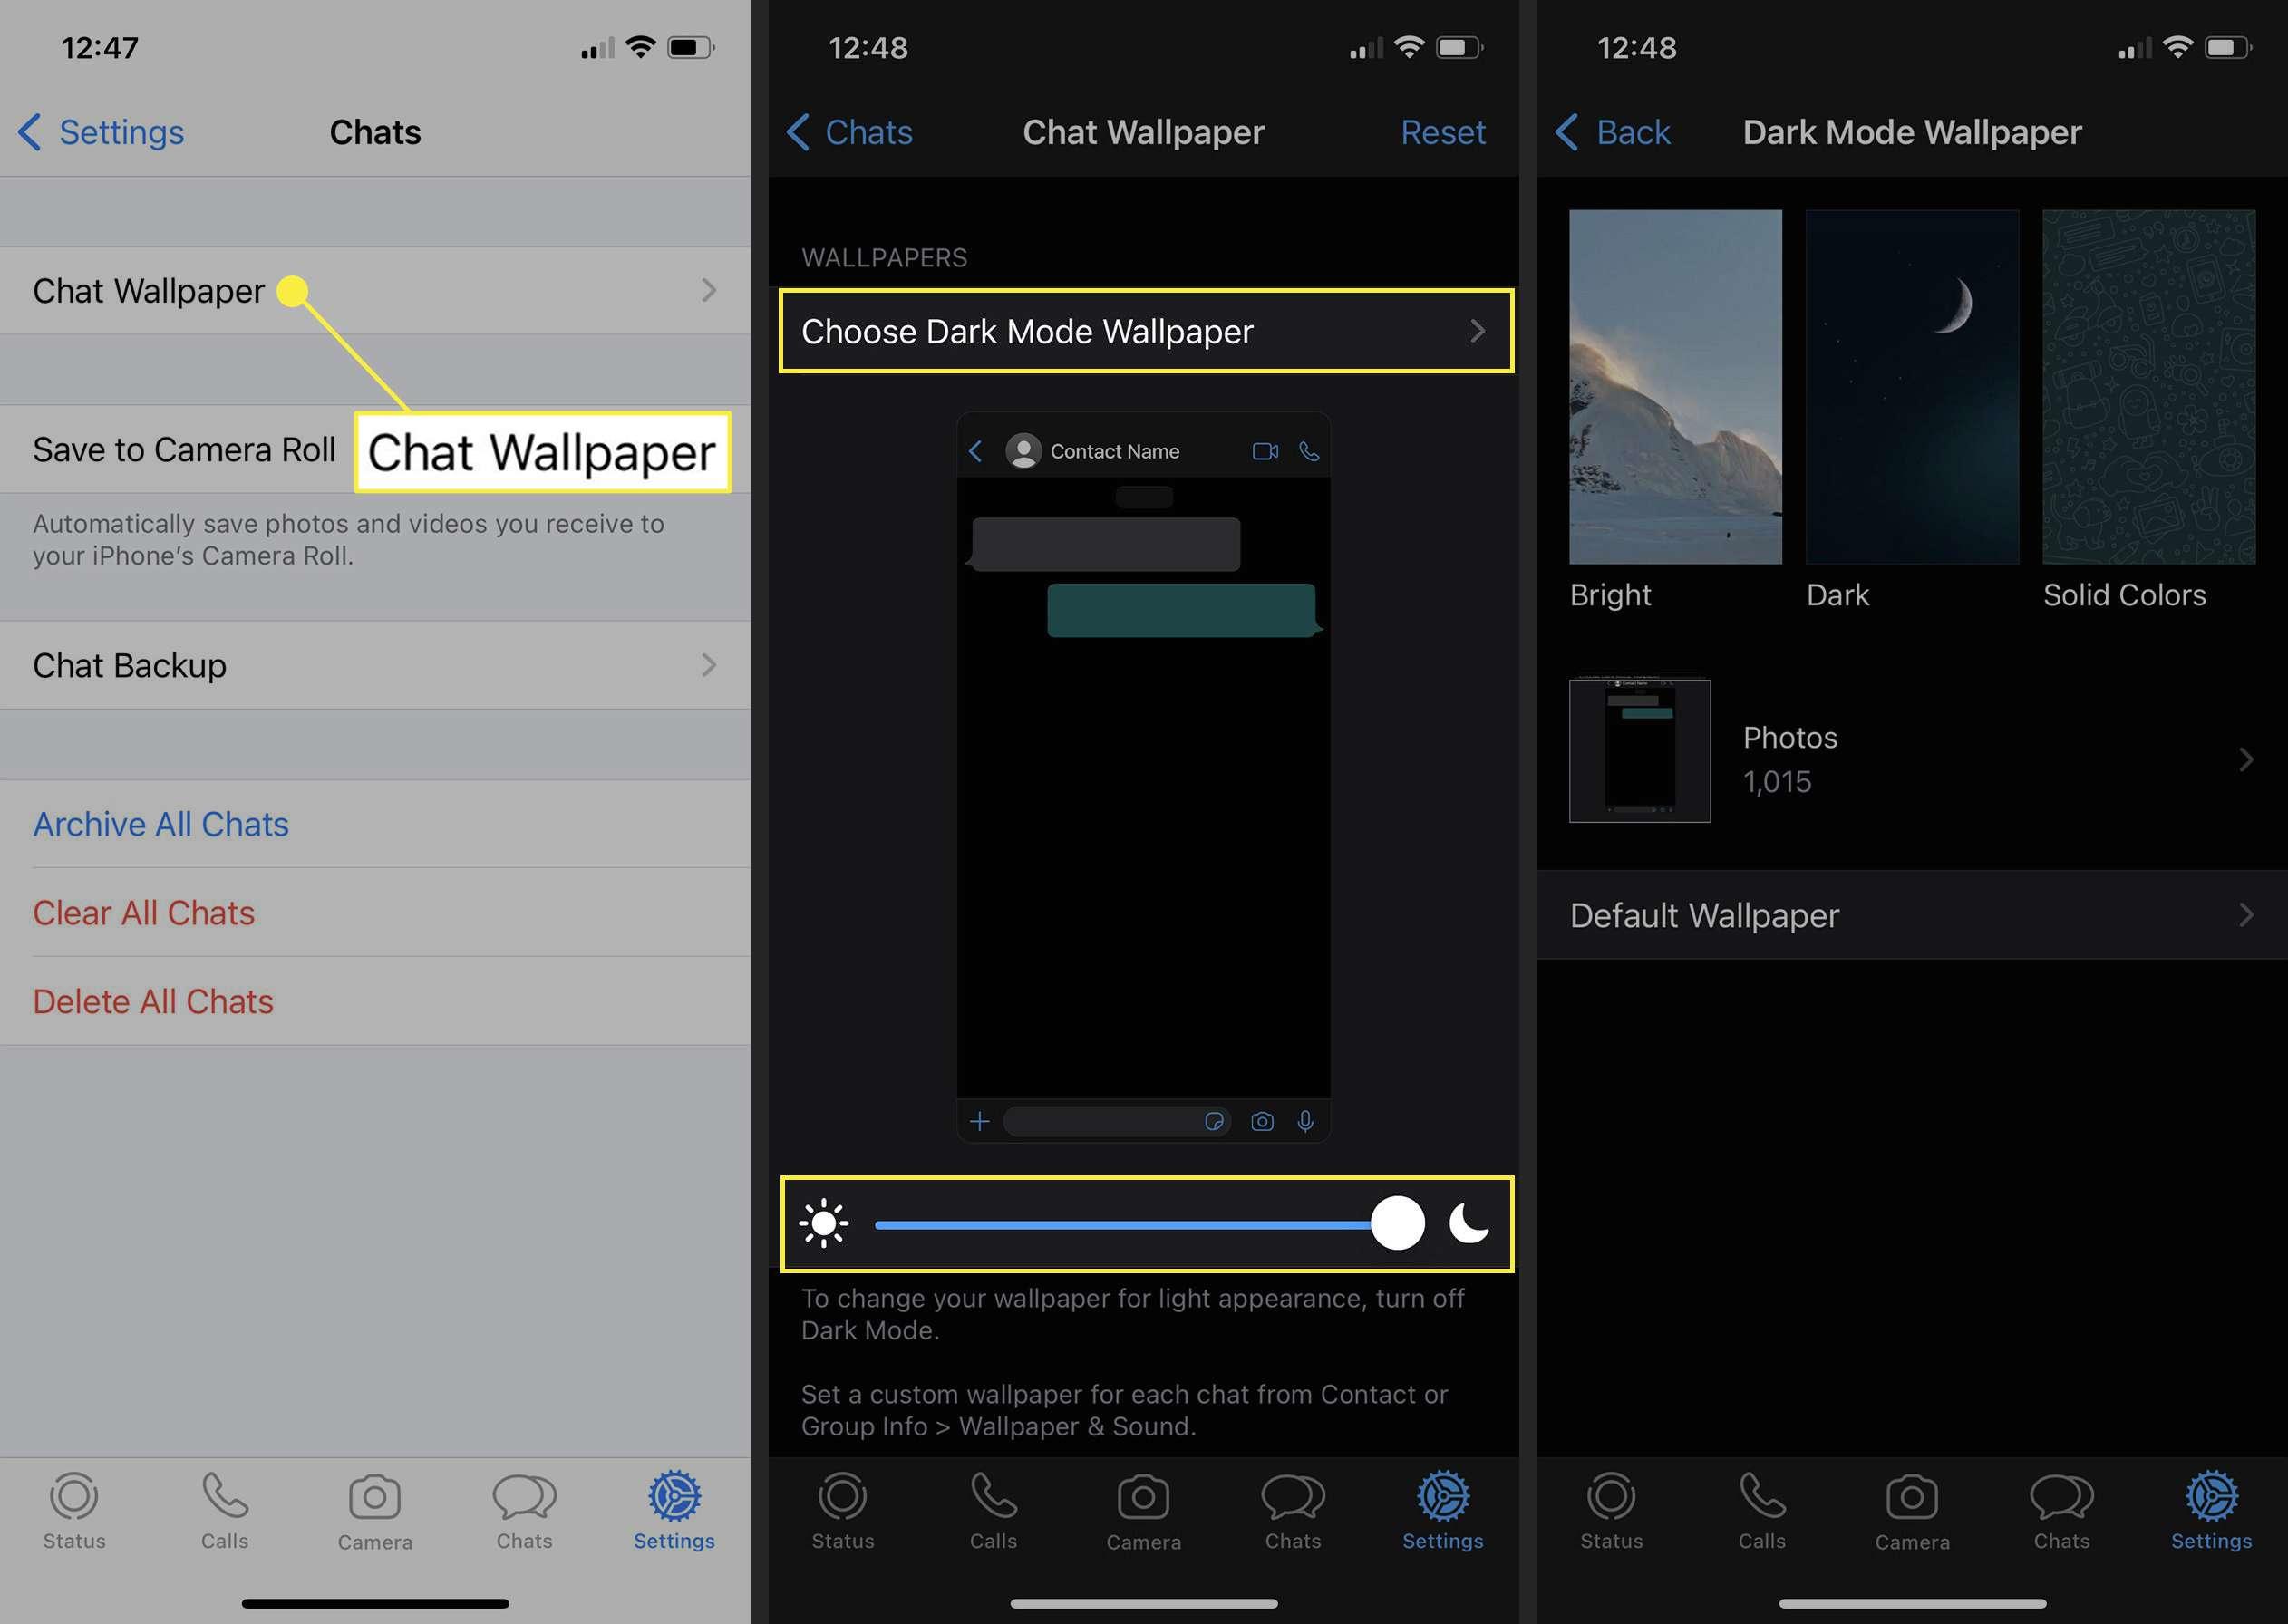 Choosing a Dark Wallpaper in WhatsApp iOS.